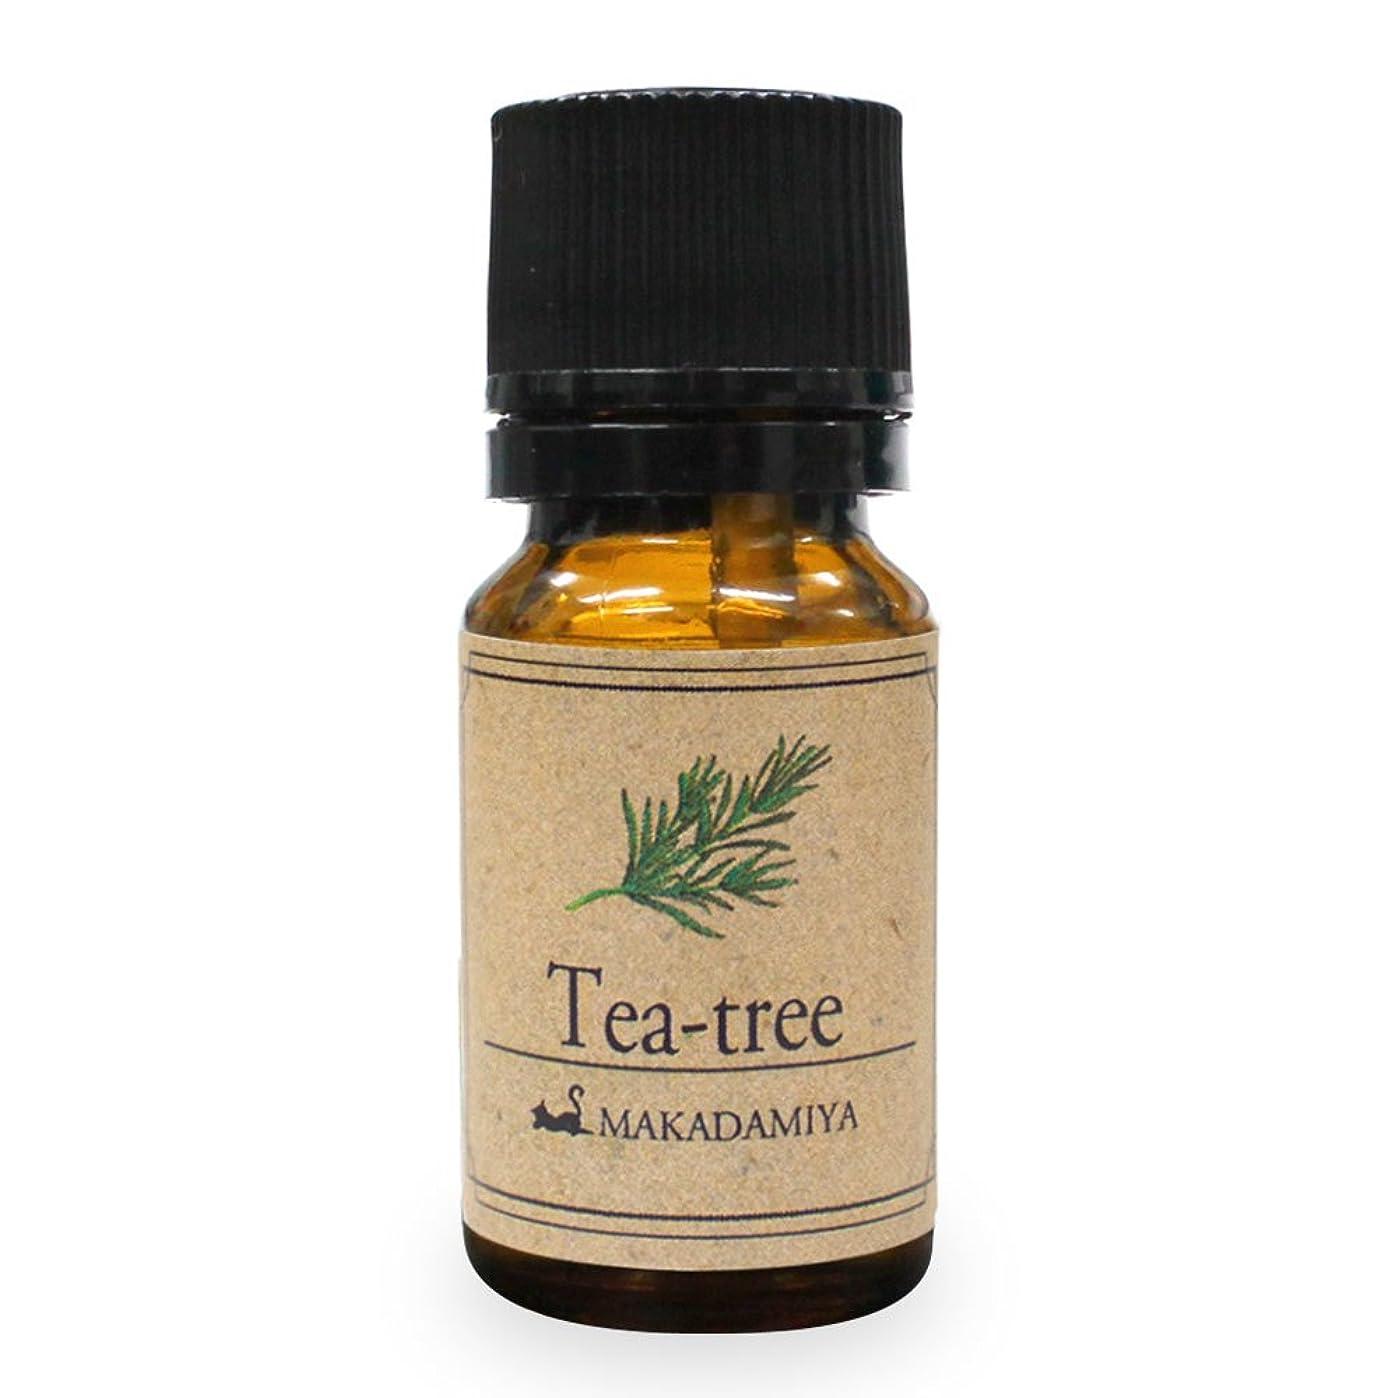 ヤング同盟一過性ティーツリー10ml 天然100%植物性 エッセンシャルオイル(精油) アロマオイル アロママッサージ aroma Tea-tree